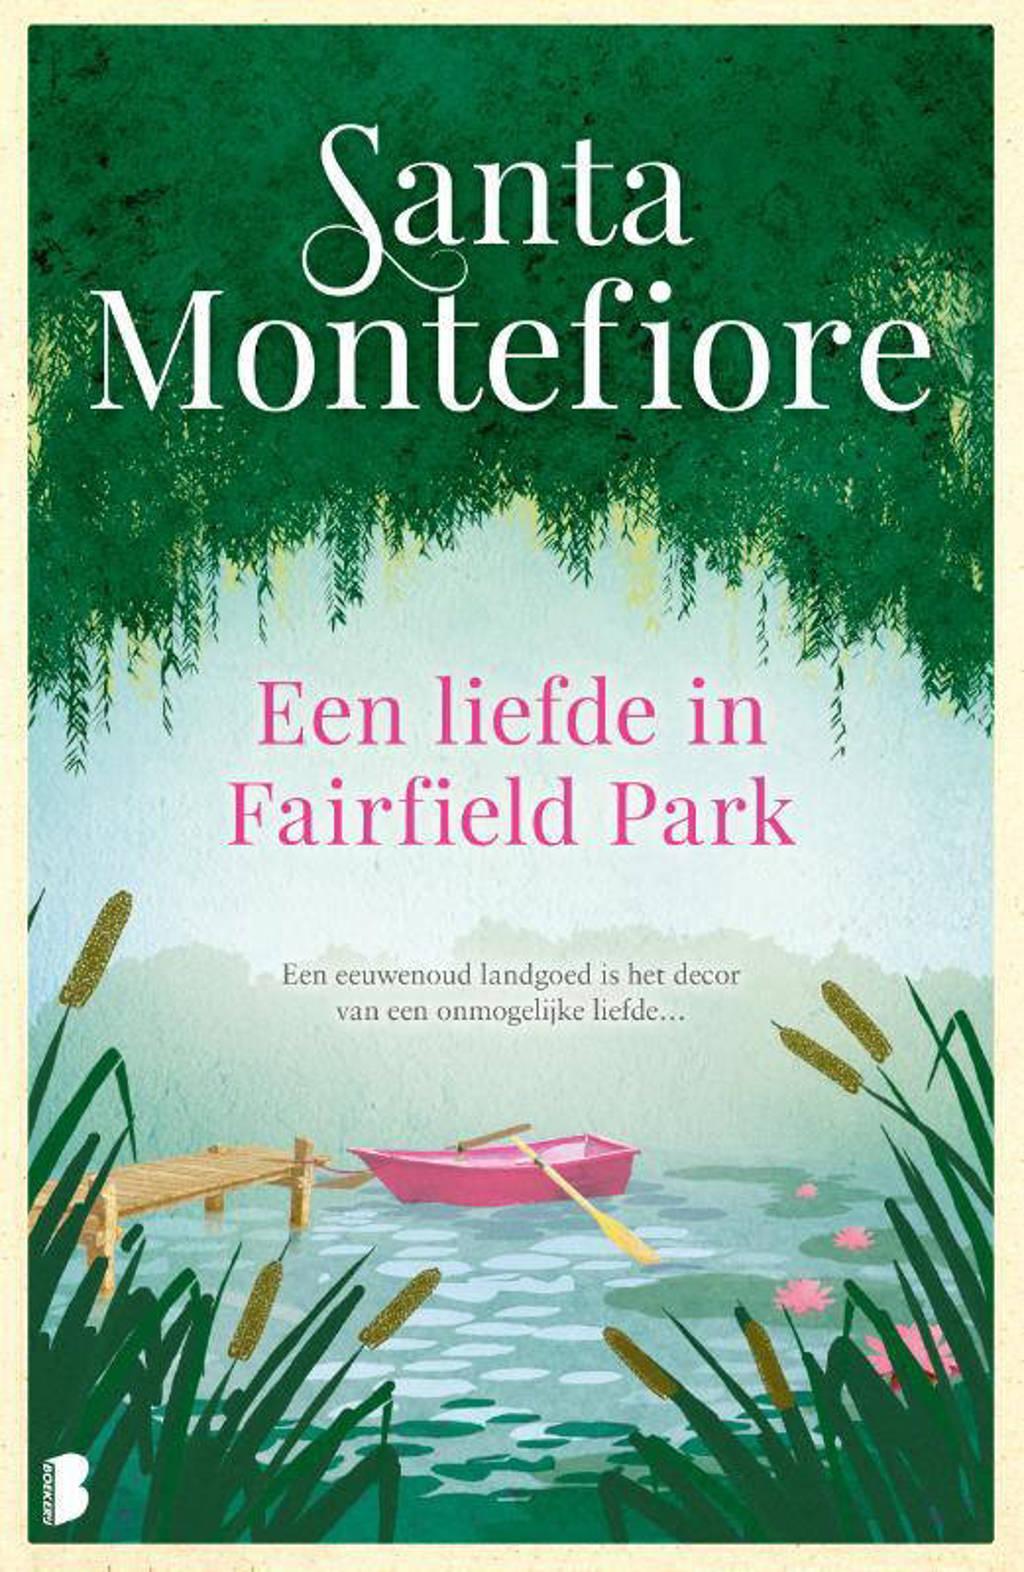 Een liefde in Fairfield Park - Santa Montefiore